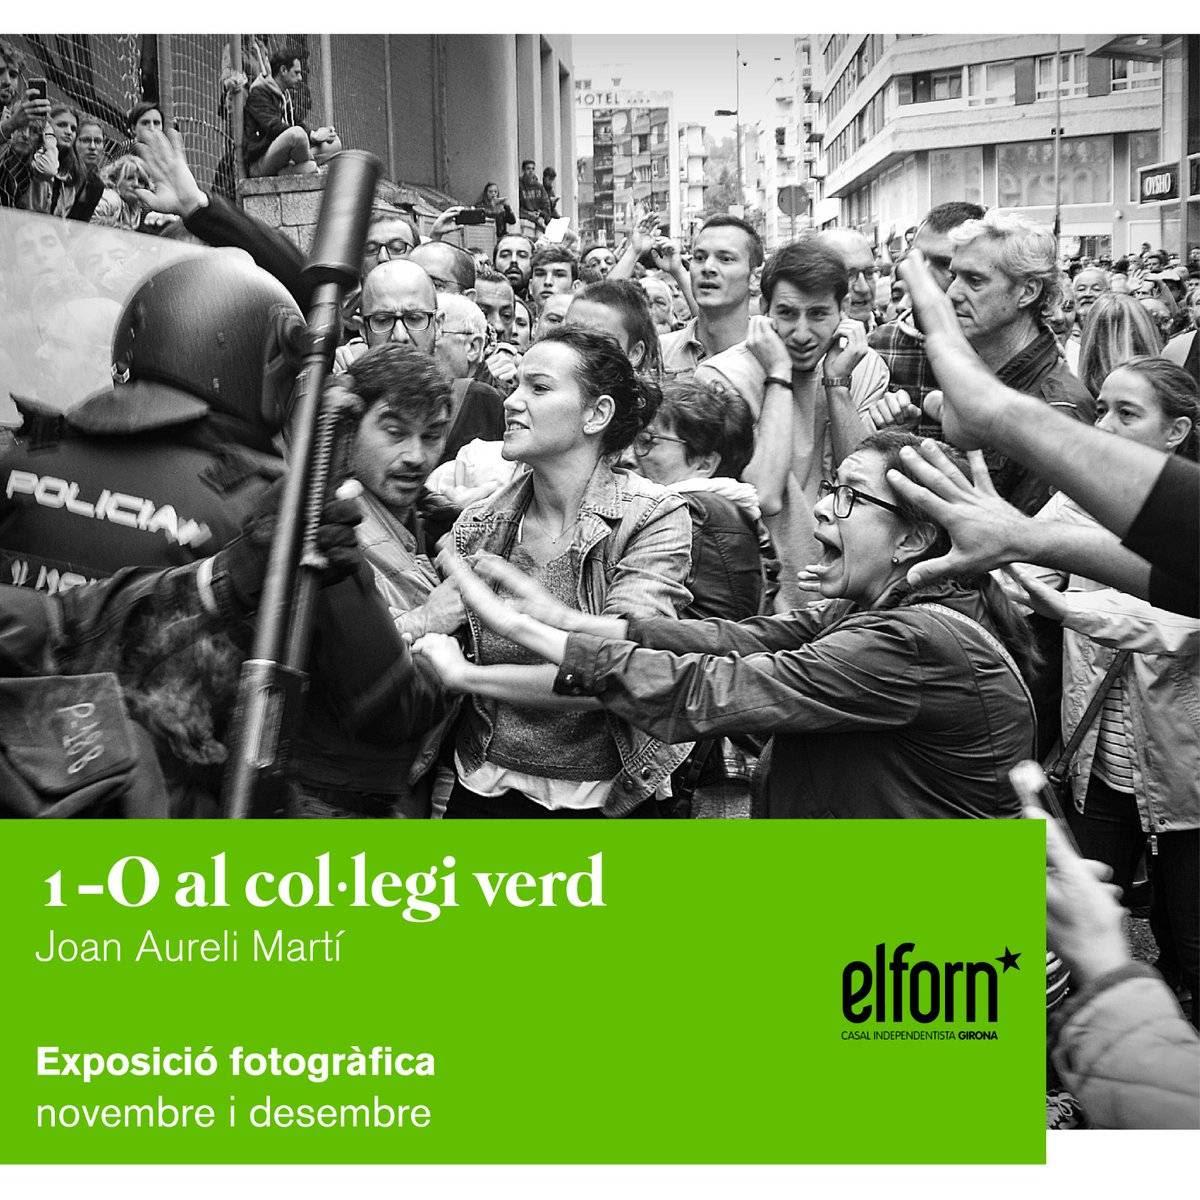 Exposició fotogràfica: '1-O al Col·legi Verd' al Casal Independentista El Forn